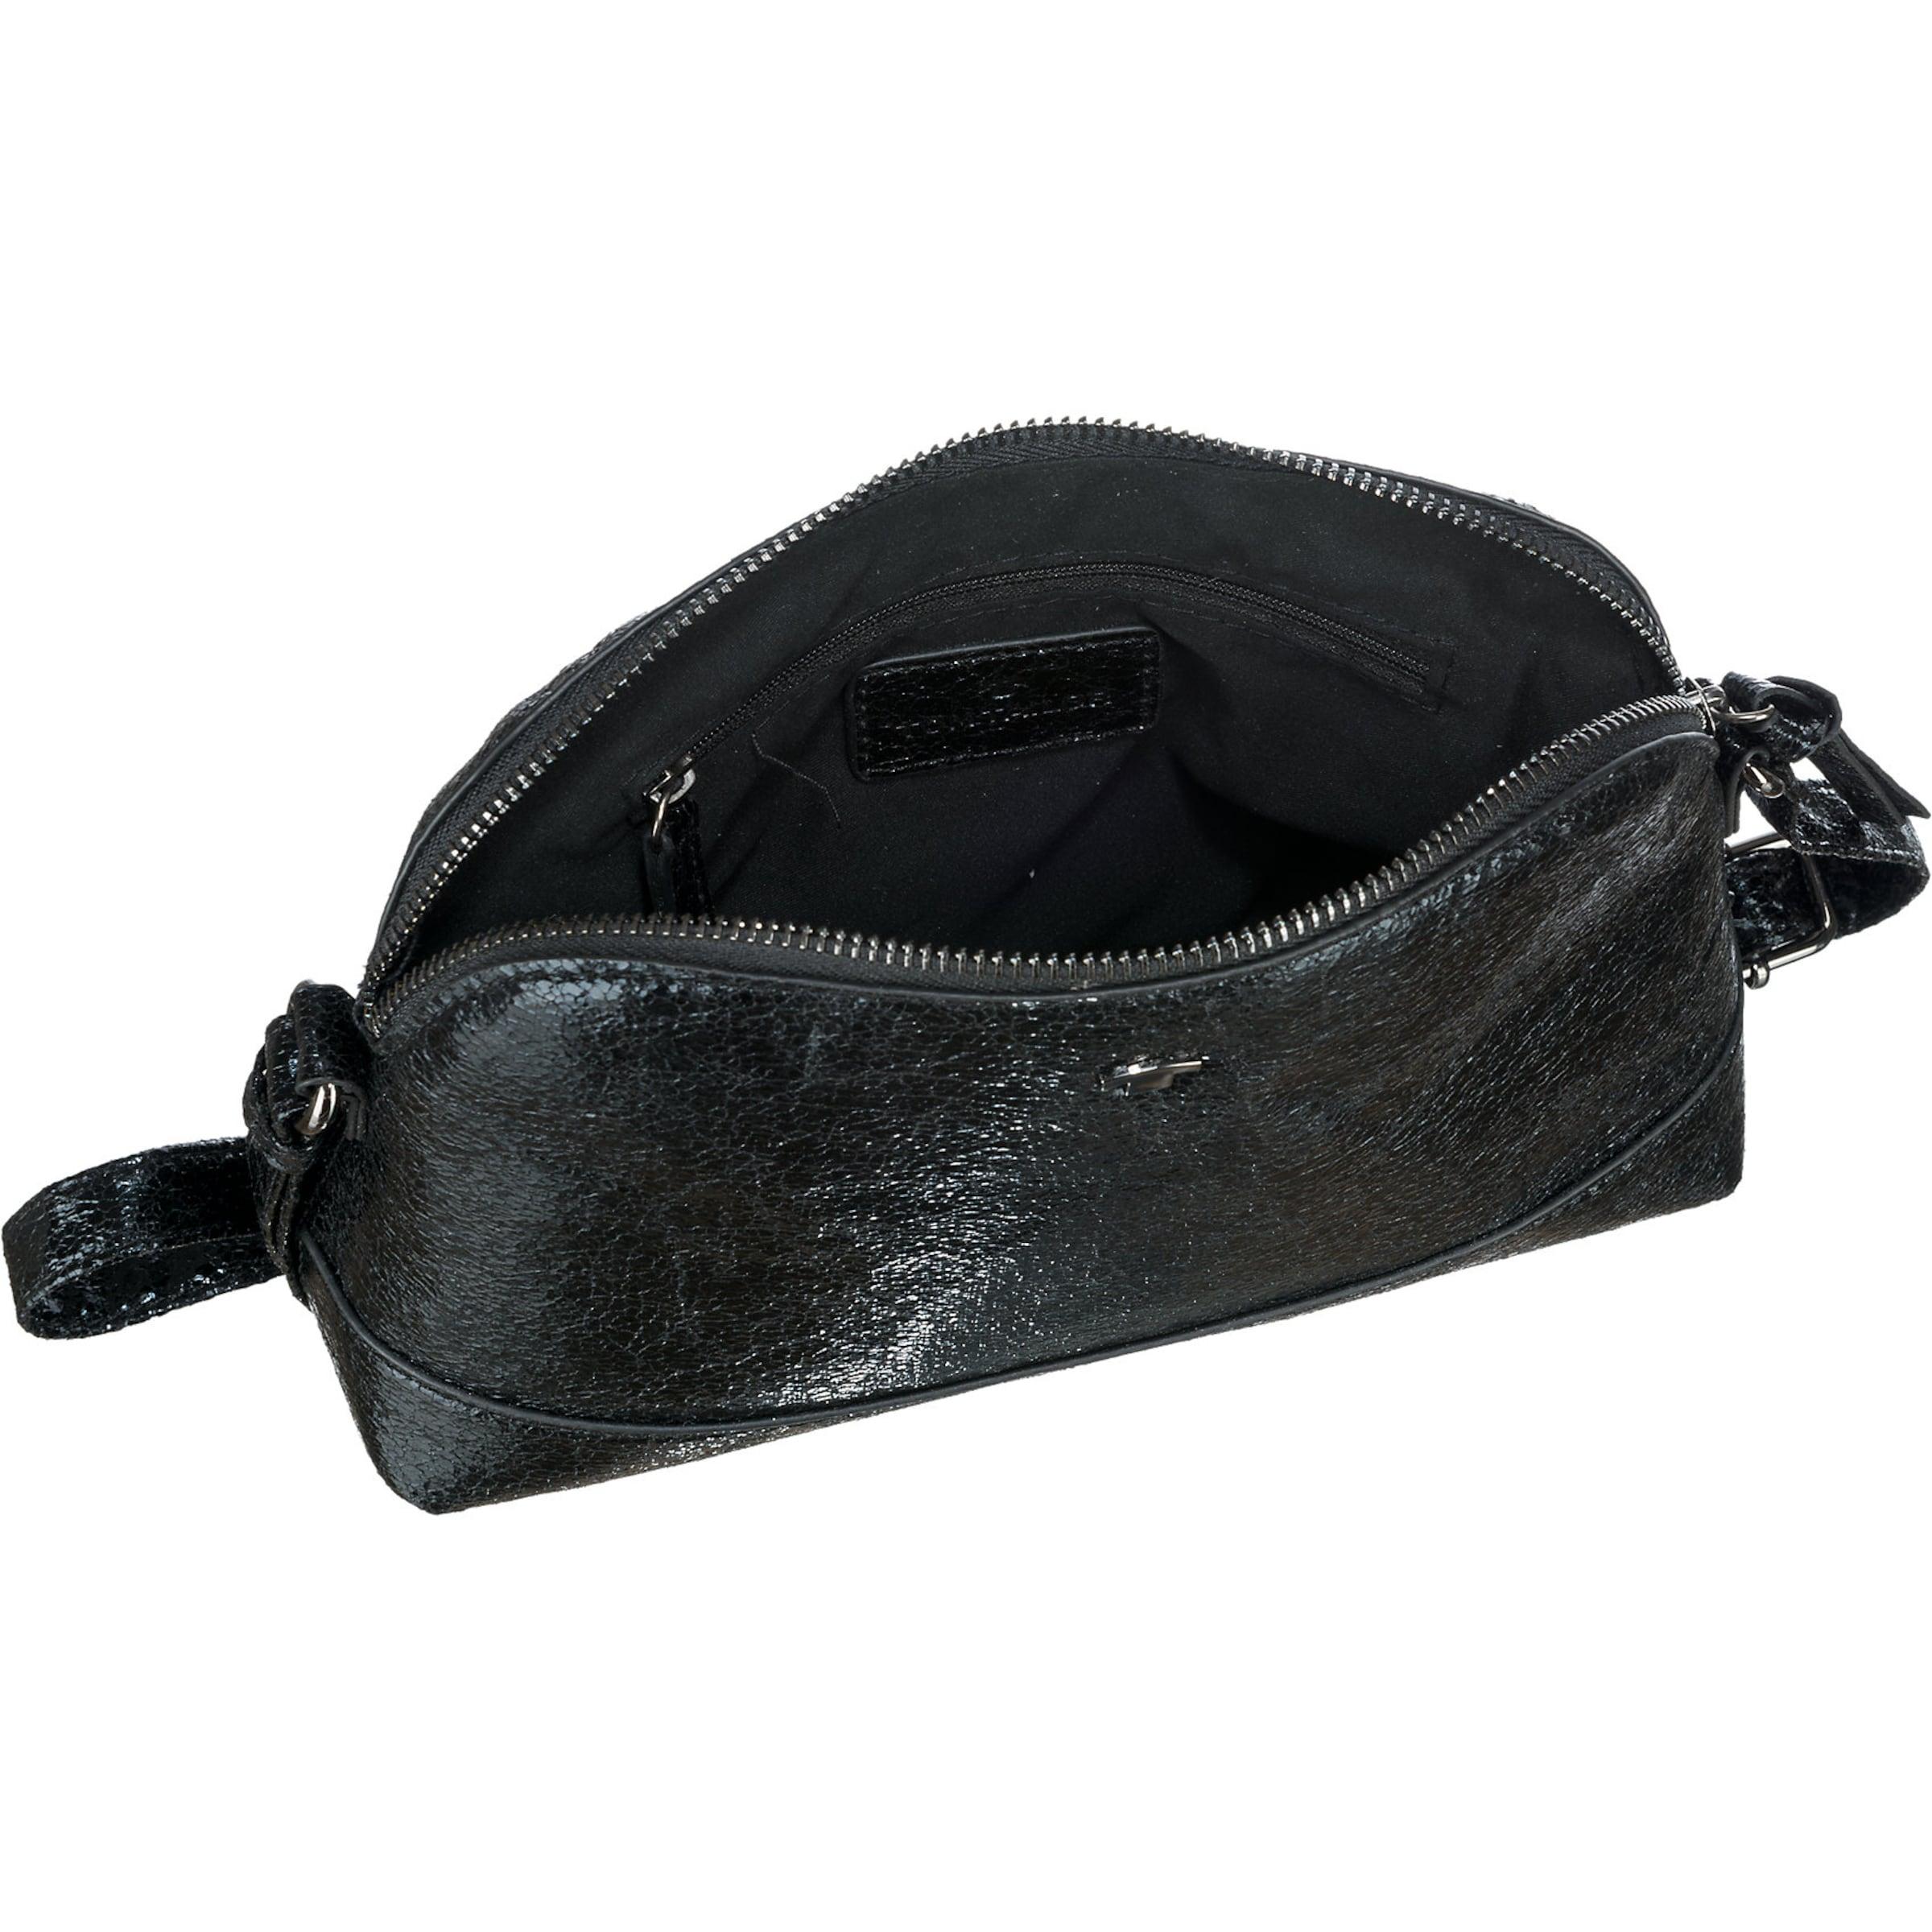 TOM TAILOR Handtasche Handtasche 'Jil' 'Jil' TOM 'Jil' TAILOR TOM 'Jil' TOM Handtasche TAILOR TOM TAILOR Handtasche rSOw0nrAq